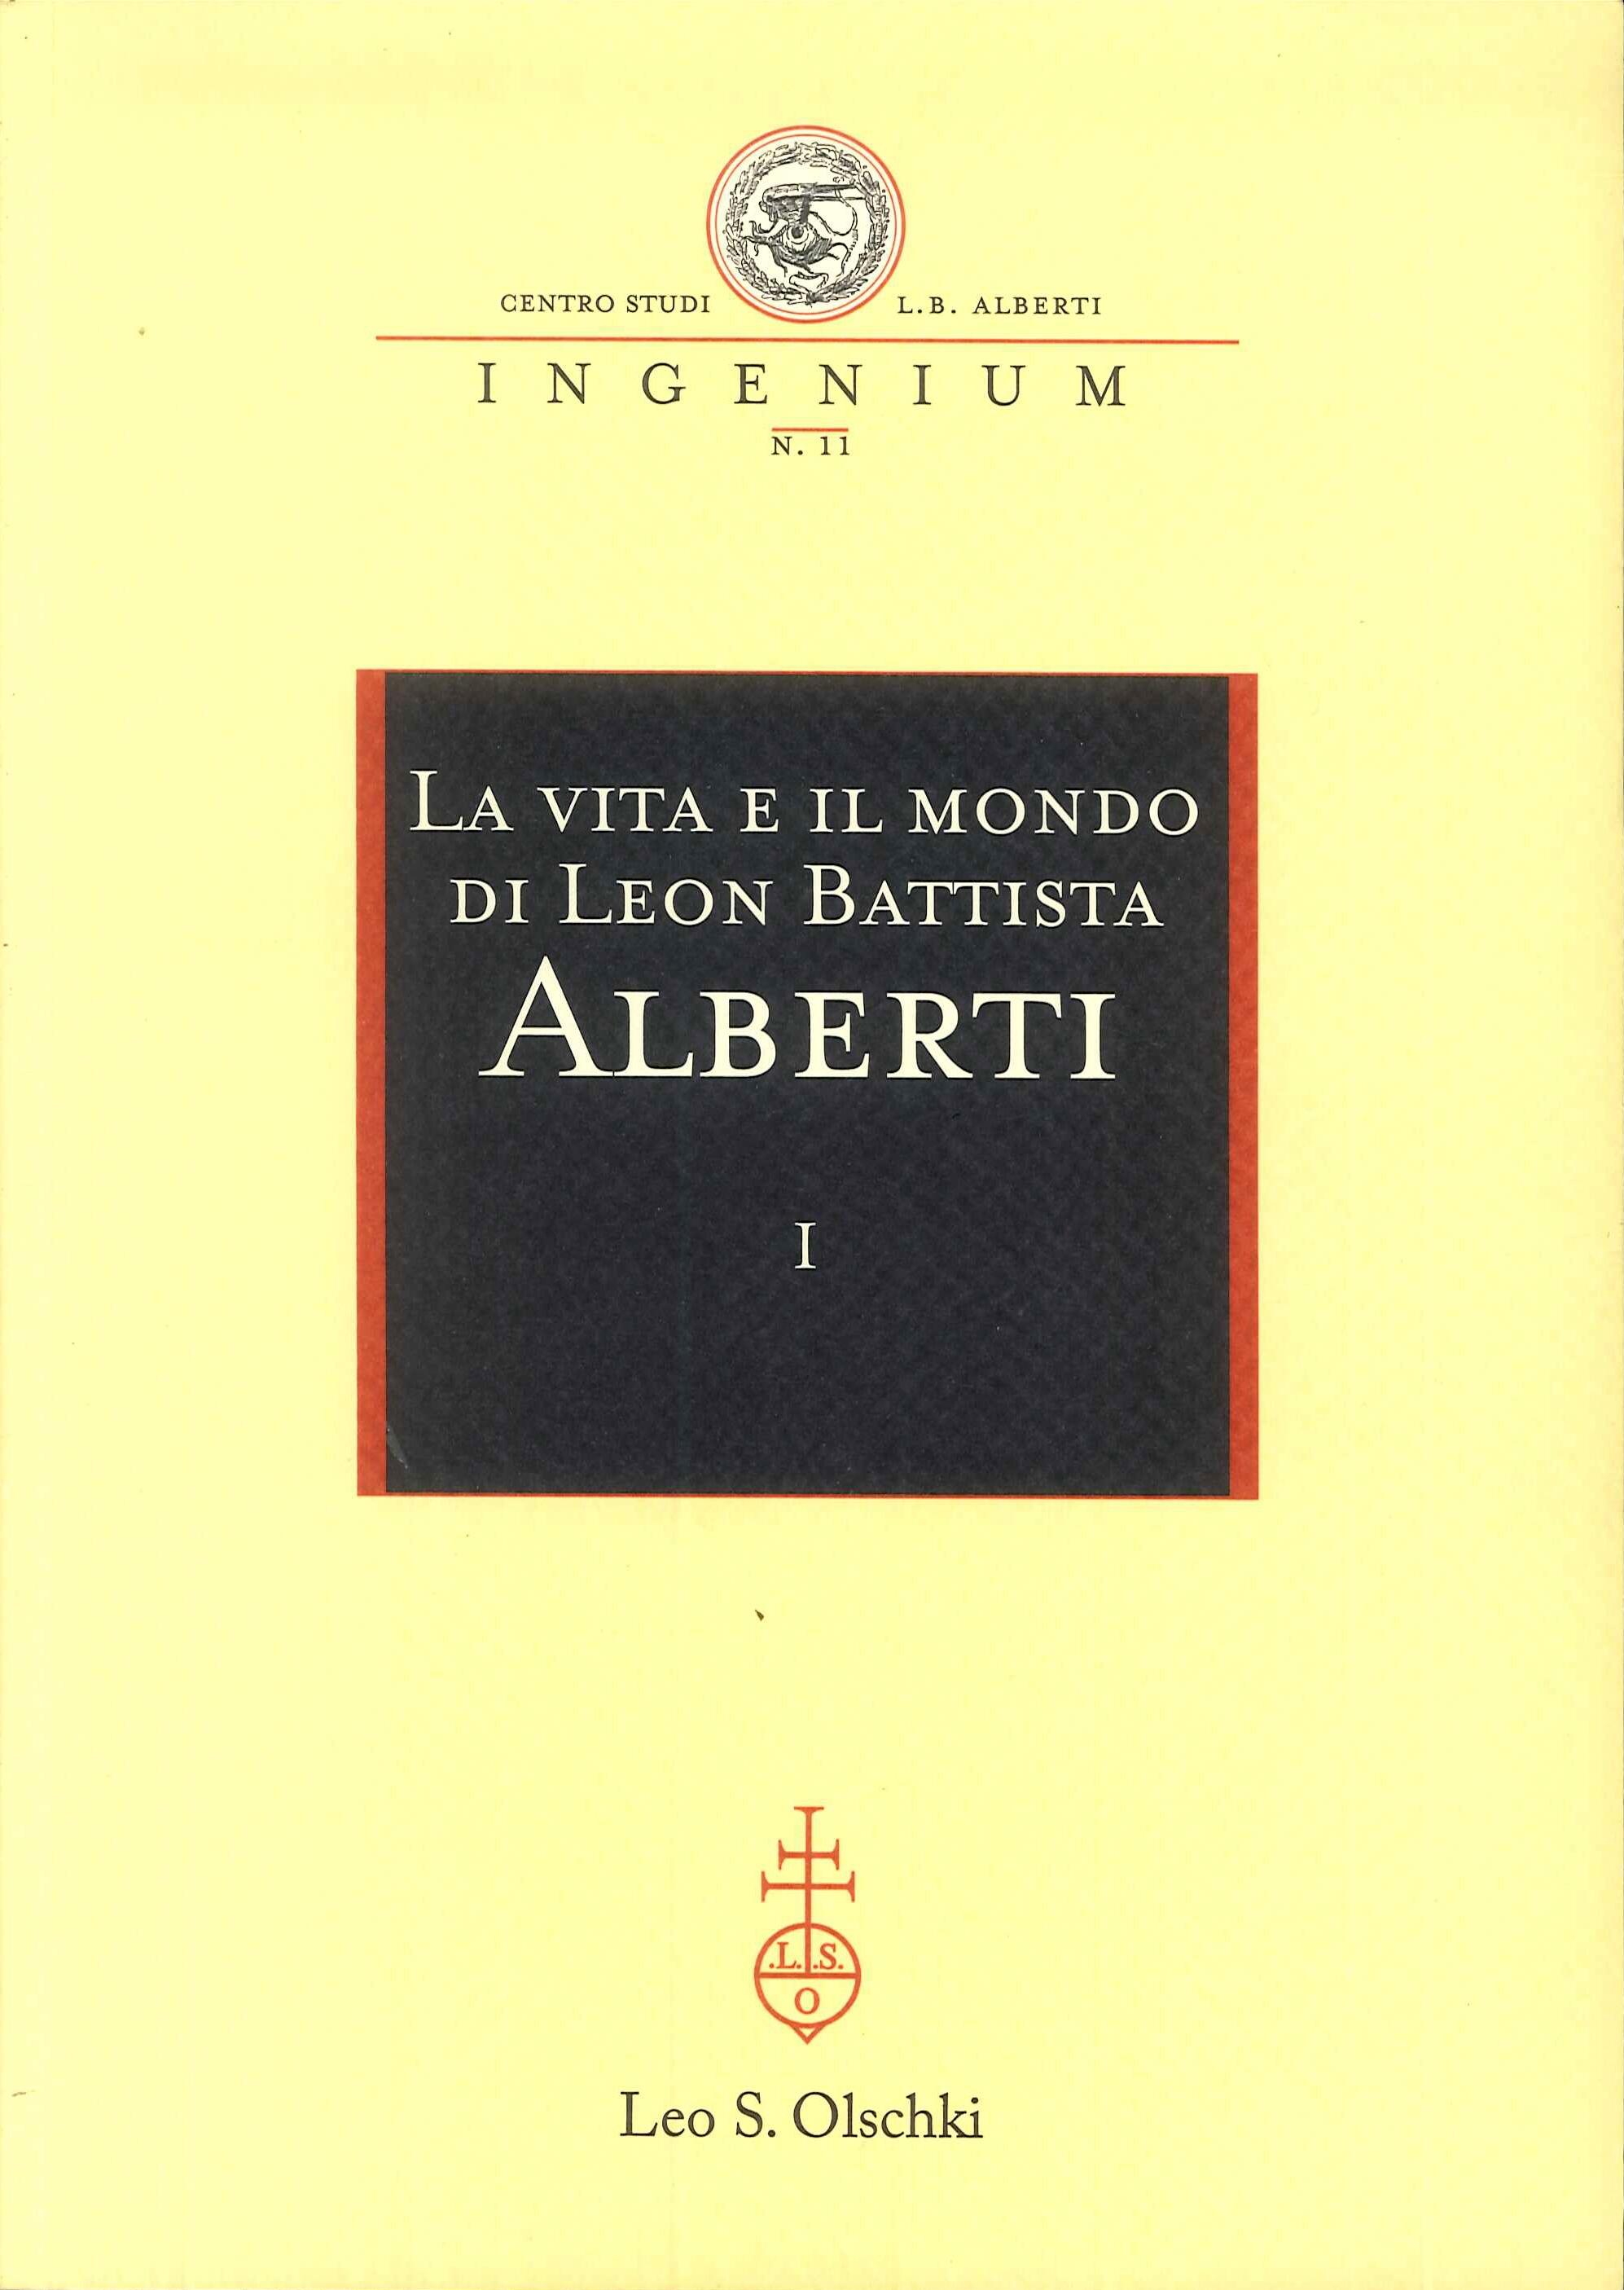 La vita e il mondo di Leon Battista Alberti. Atti del Convegno internazionale (Genova, 19-21 febbraio 2004).